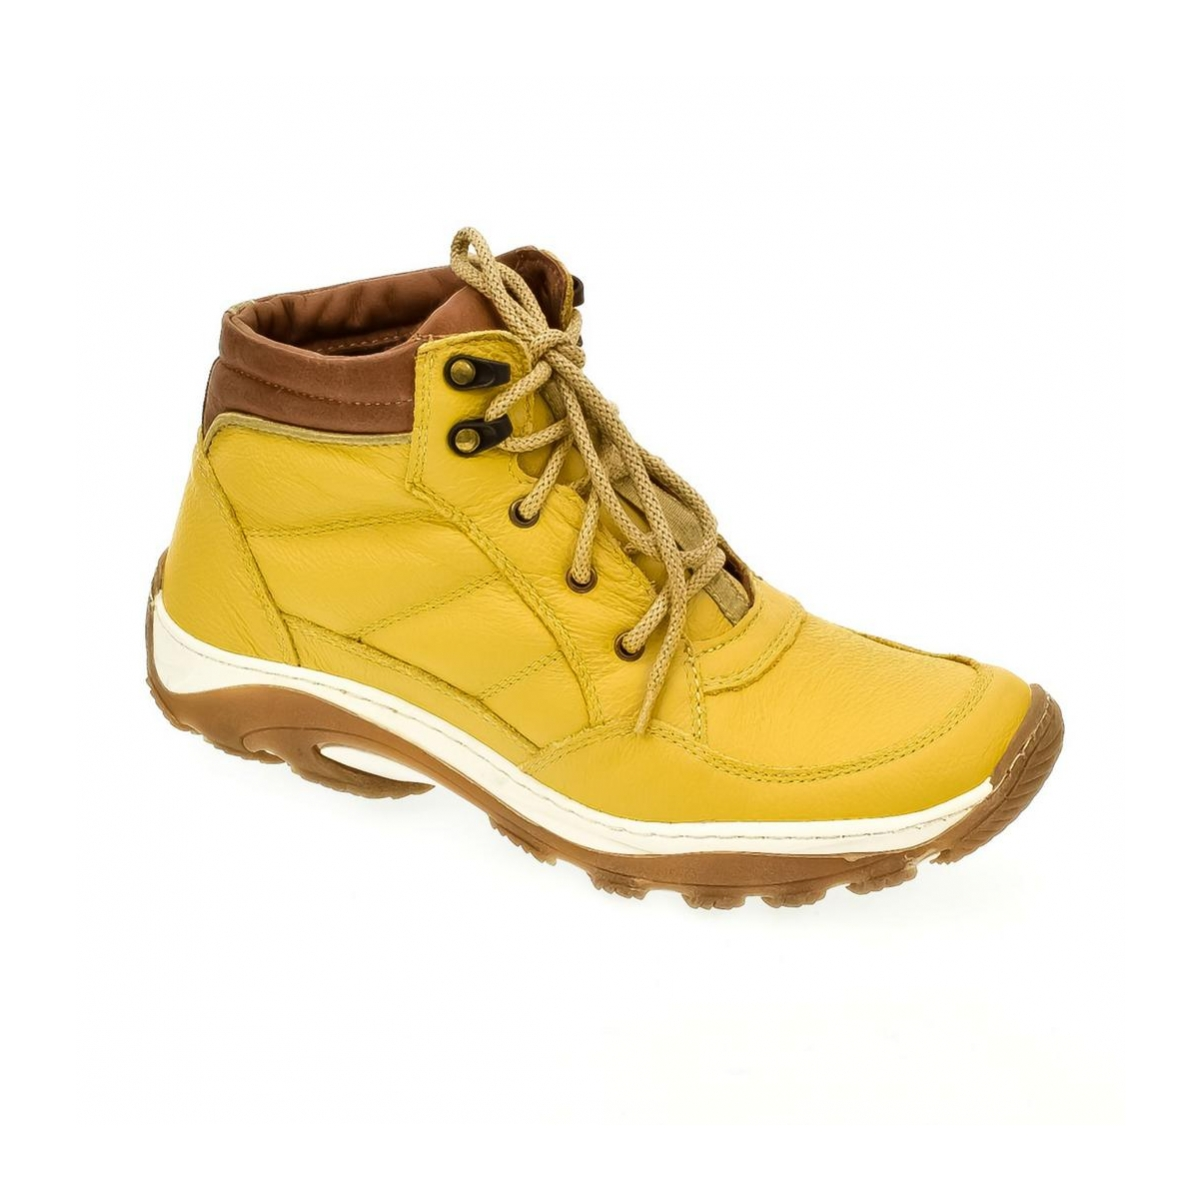 bb1b0a46340d Pánske žlté kožené topánky CANO - 4